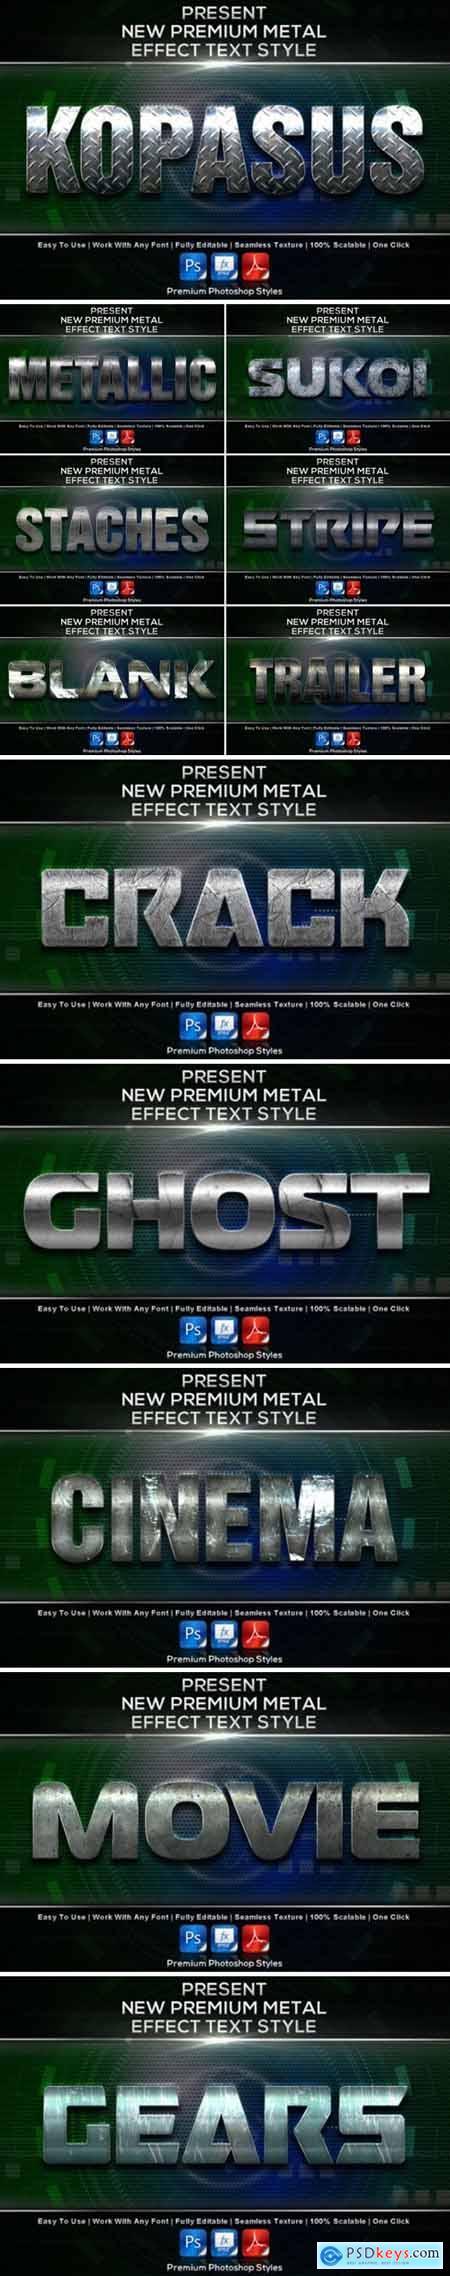 New Premium Metal Styles